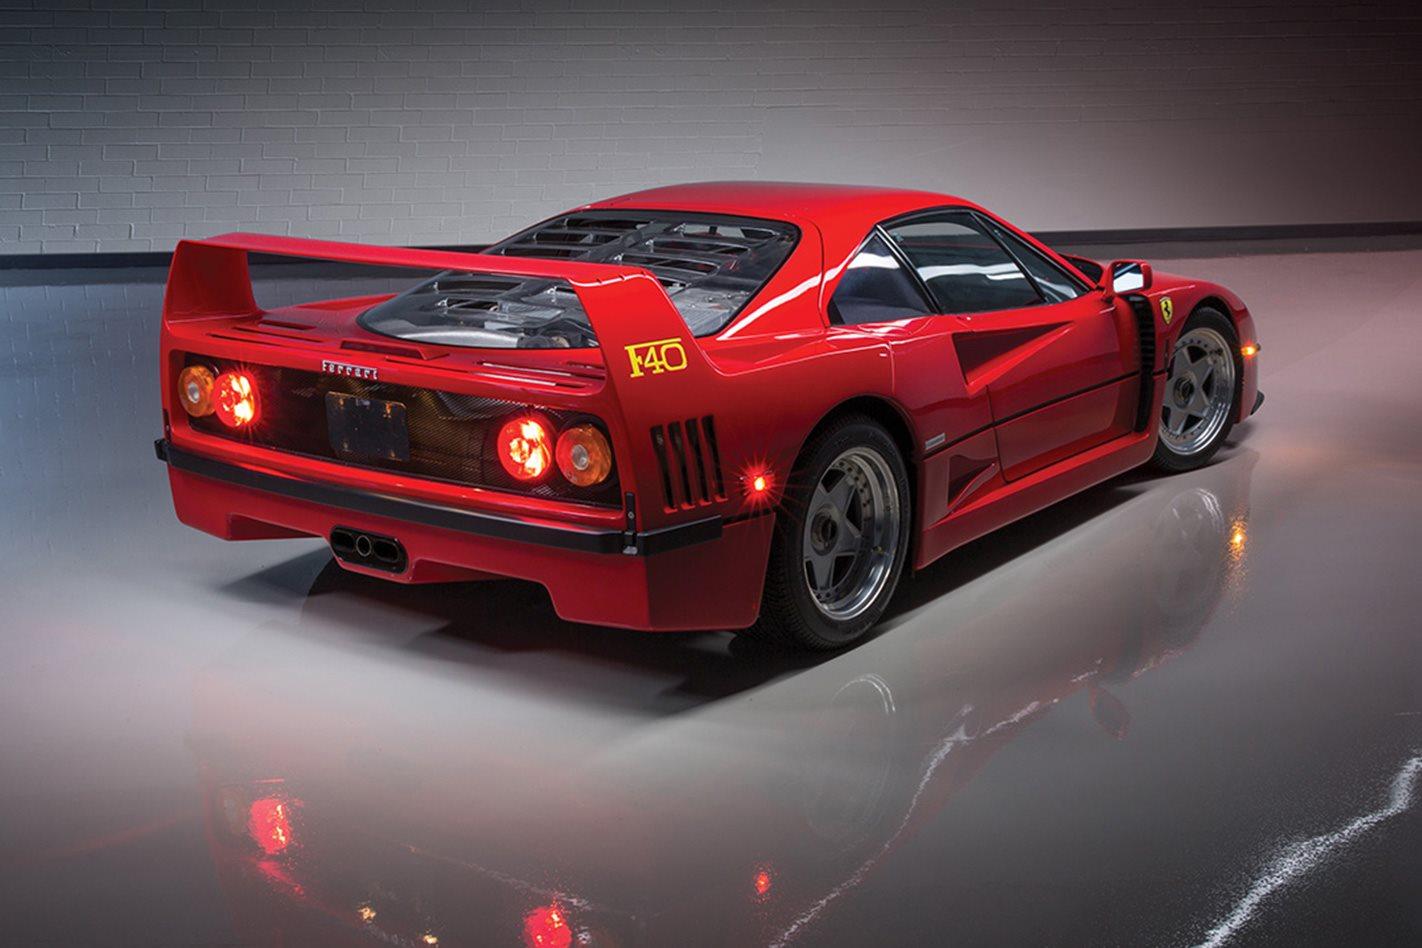 1991-Ferrari-F40-tailights.jpg